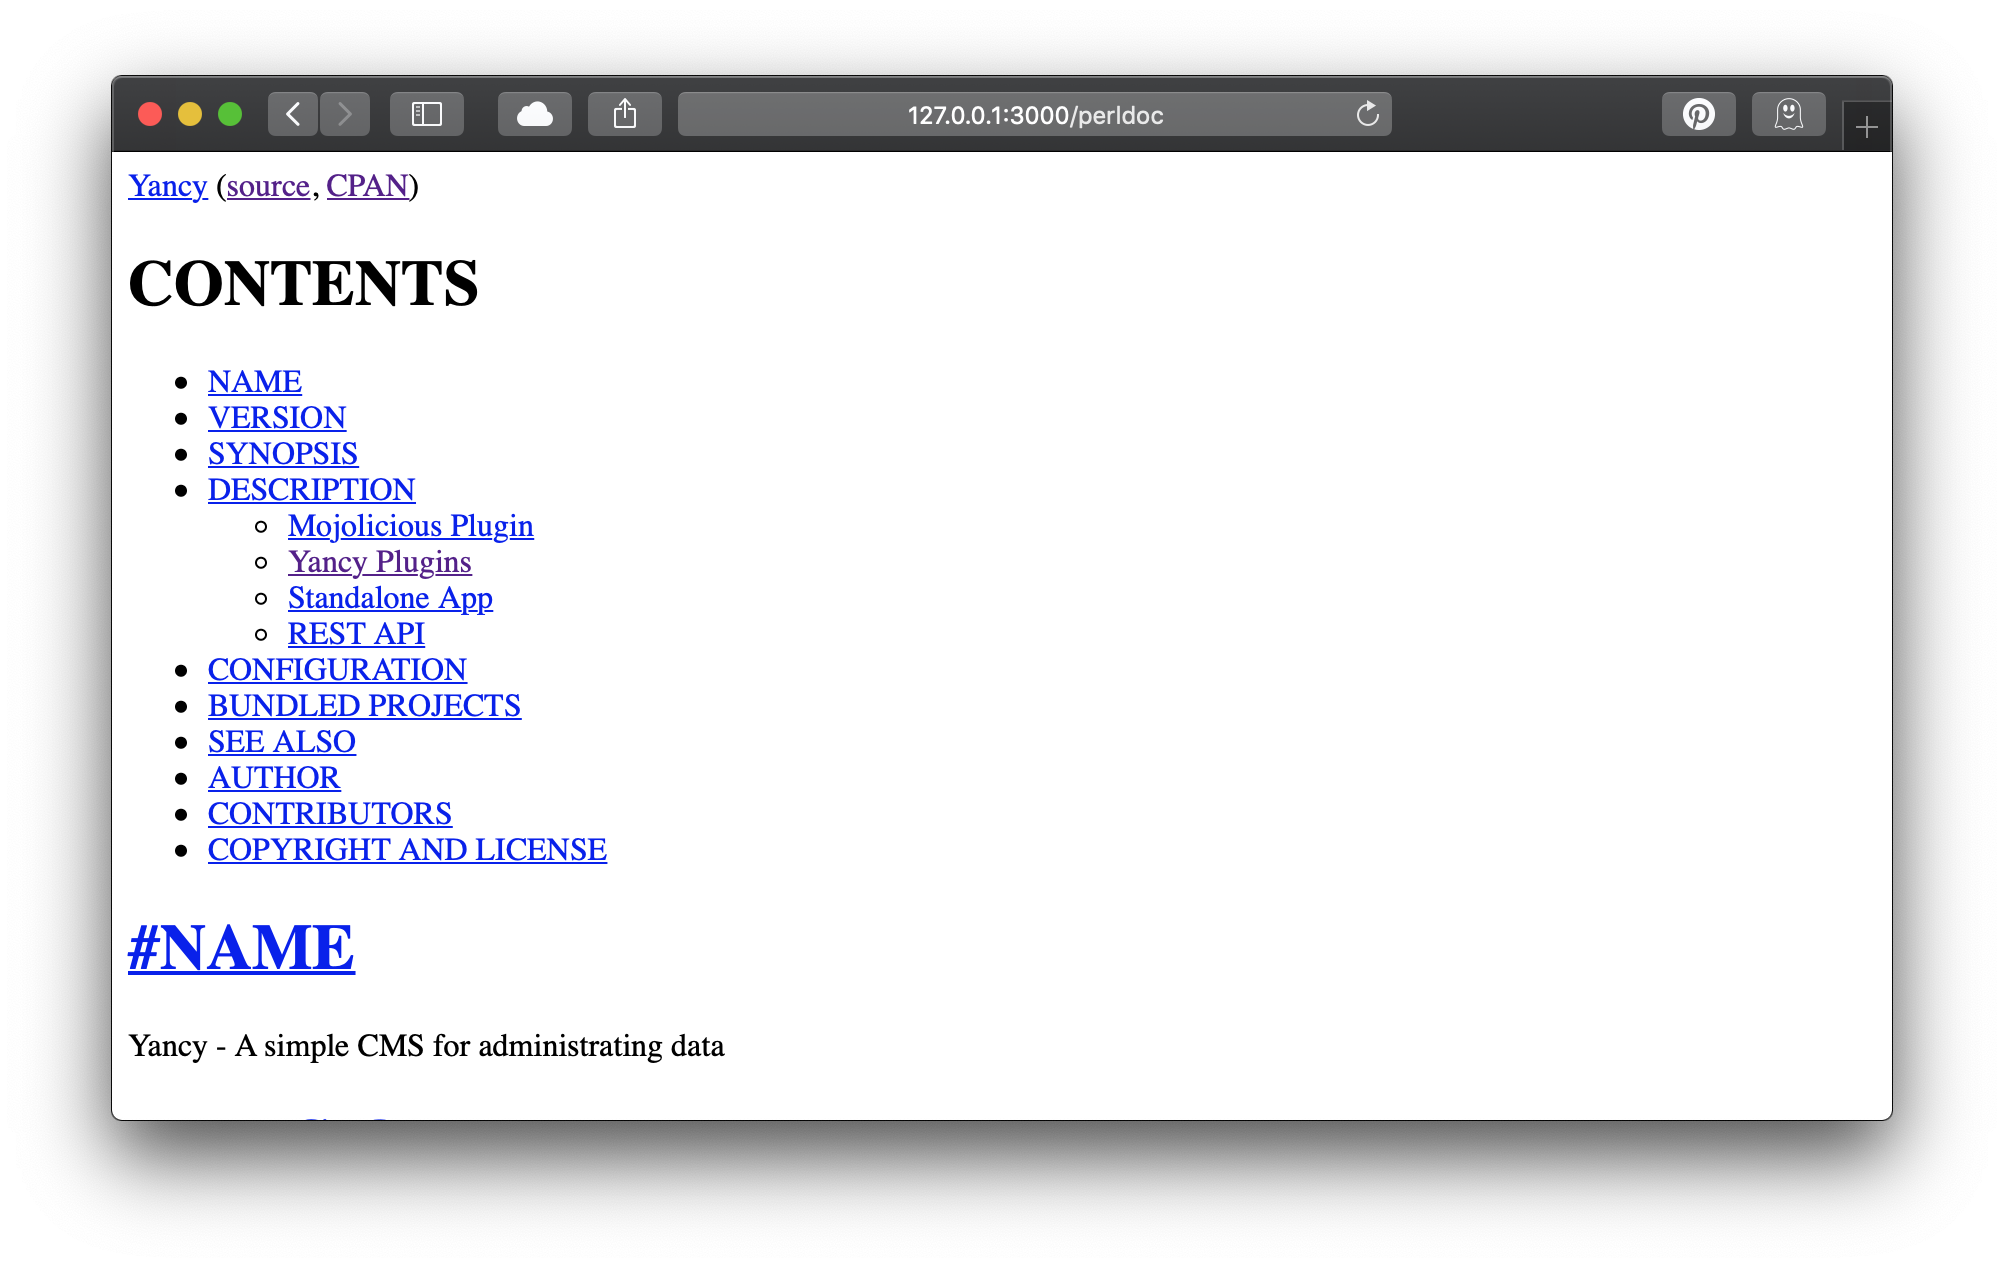 Yancy模块文档的屏幕截图